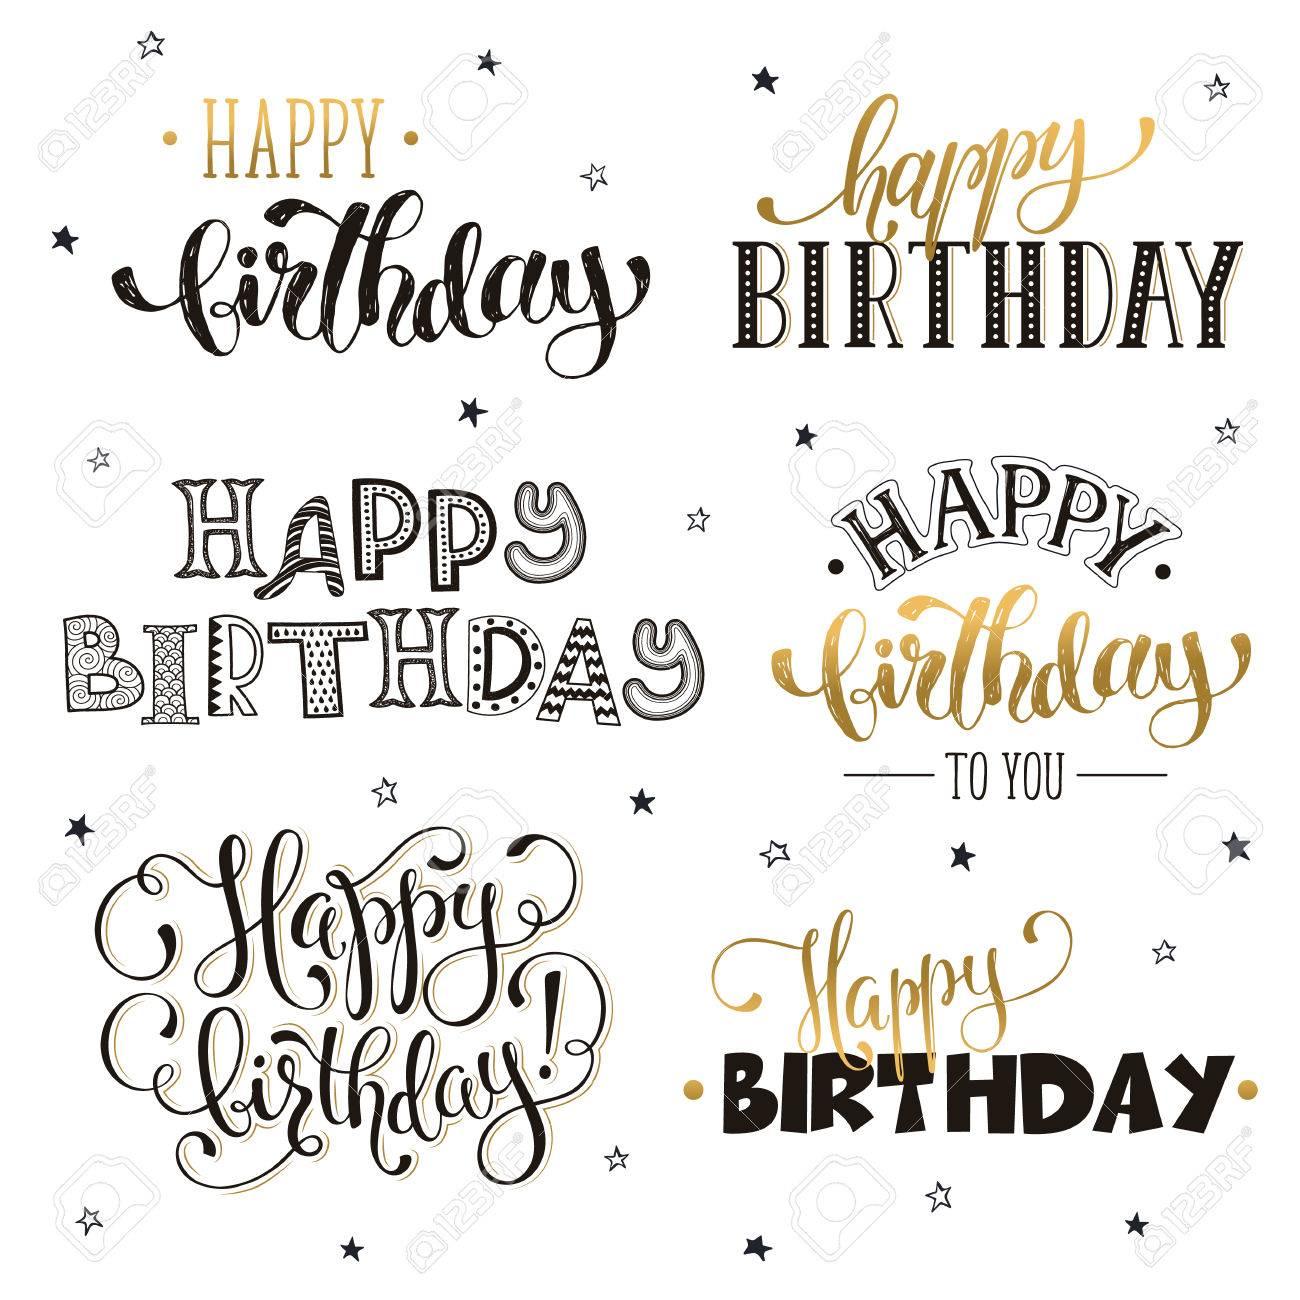 Mano Escrita Frases De Feliz Cumpleaños En Oro Plantillas De Texto De Tarjeta De Felicitación Aisladas Sobre Fondo Blanco Rotulación Del Feliz